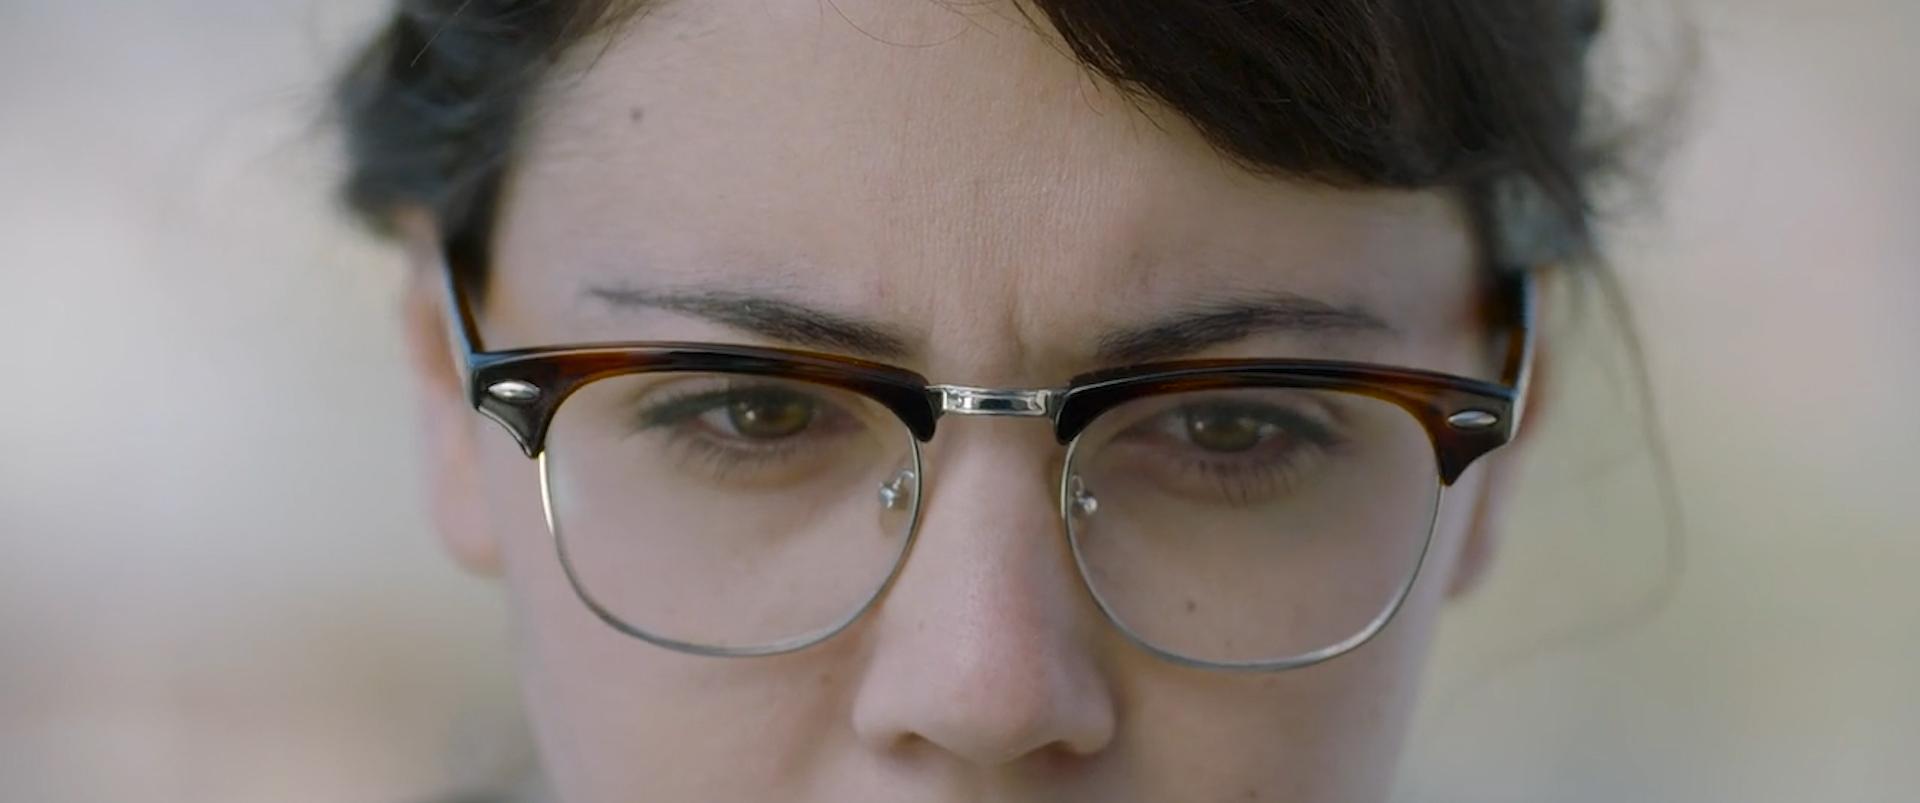 azure_glasses2.jpg